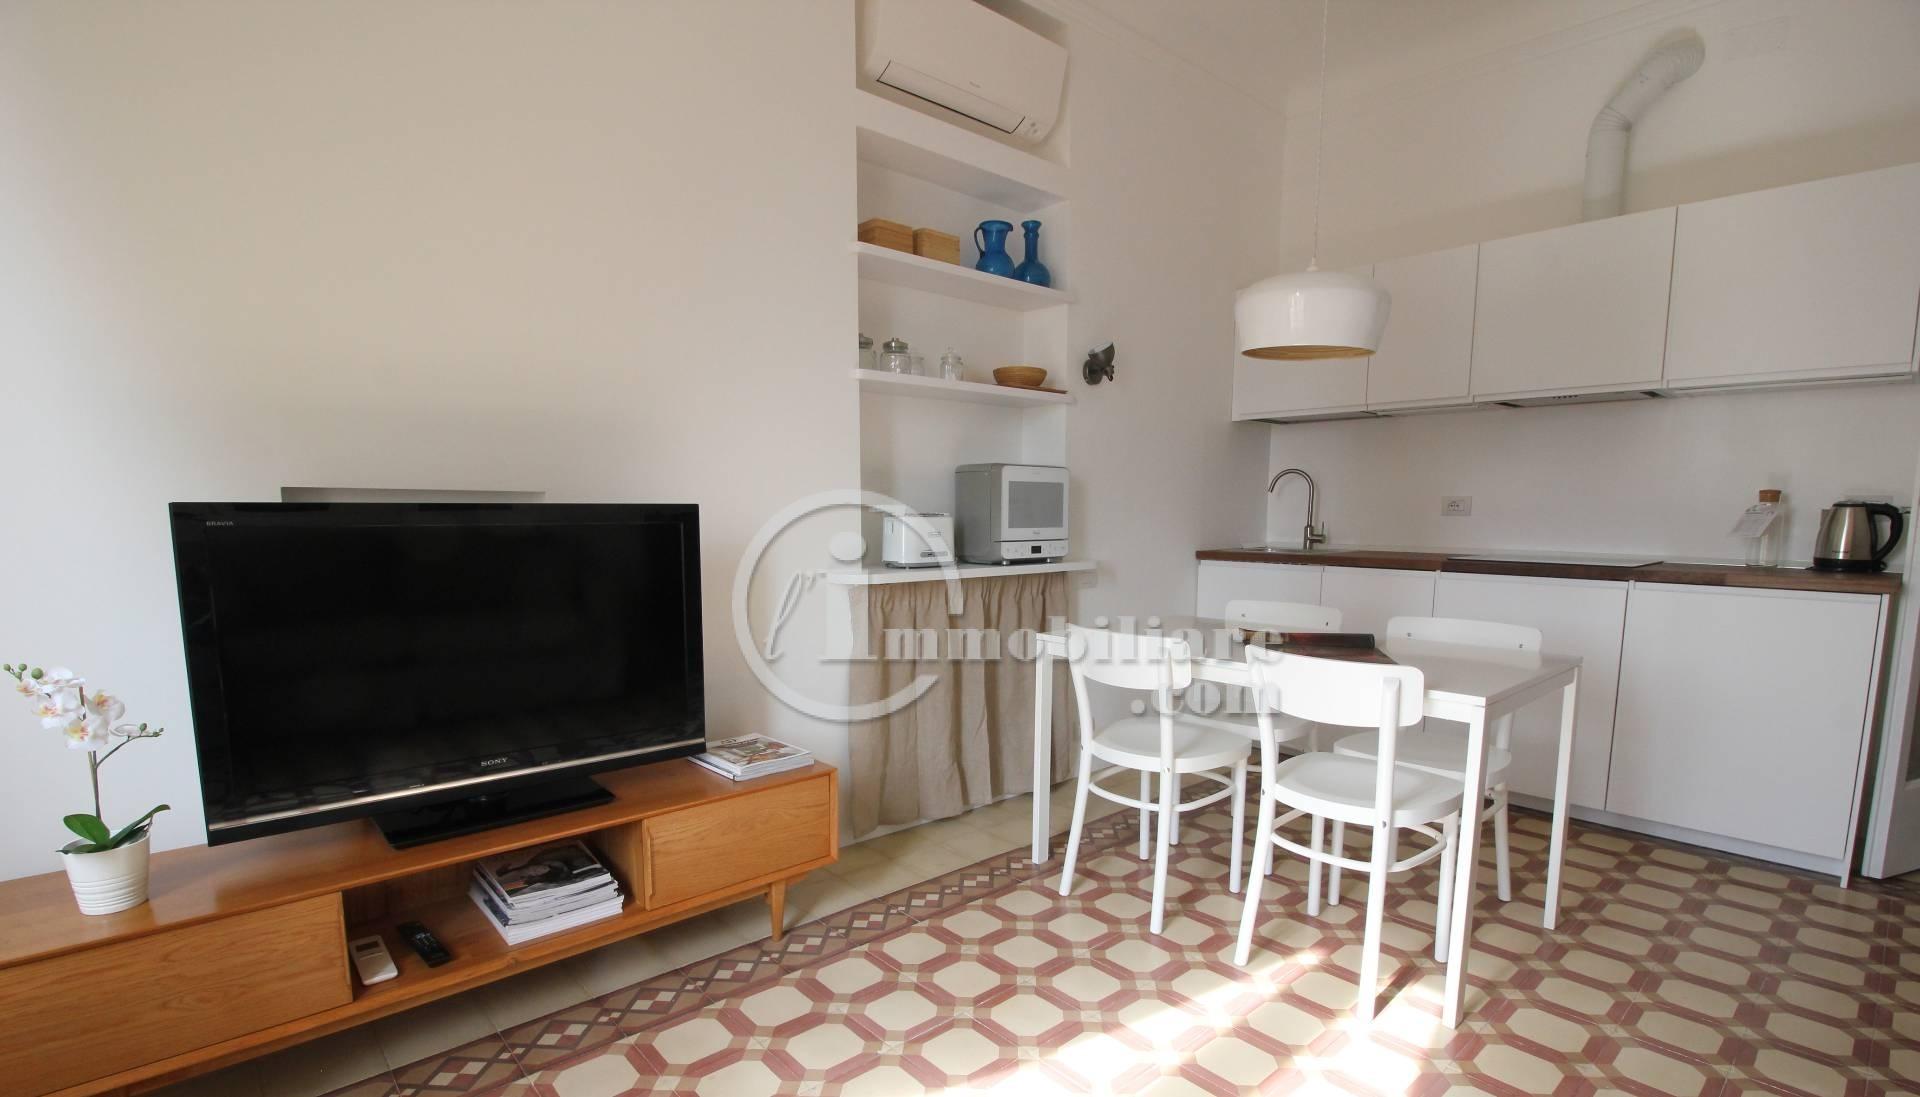 Appartamento in Affitto a Milano 08 Vercelli / Magenta / Cadorna / Washington: 2 locali, 55 mq